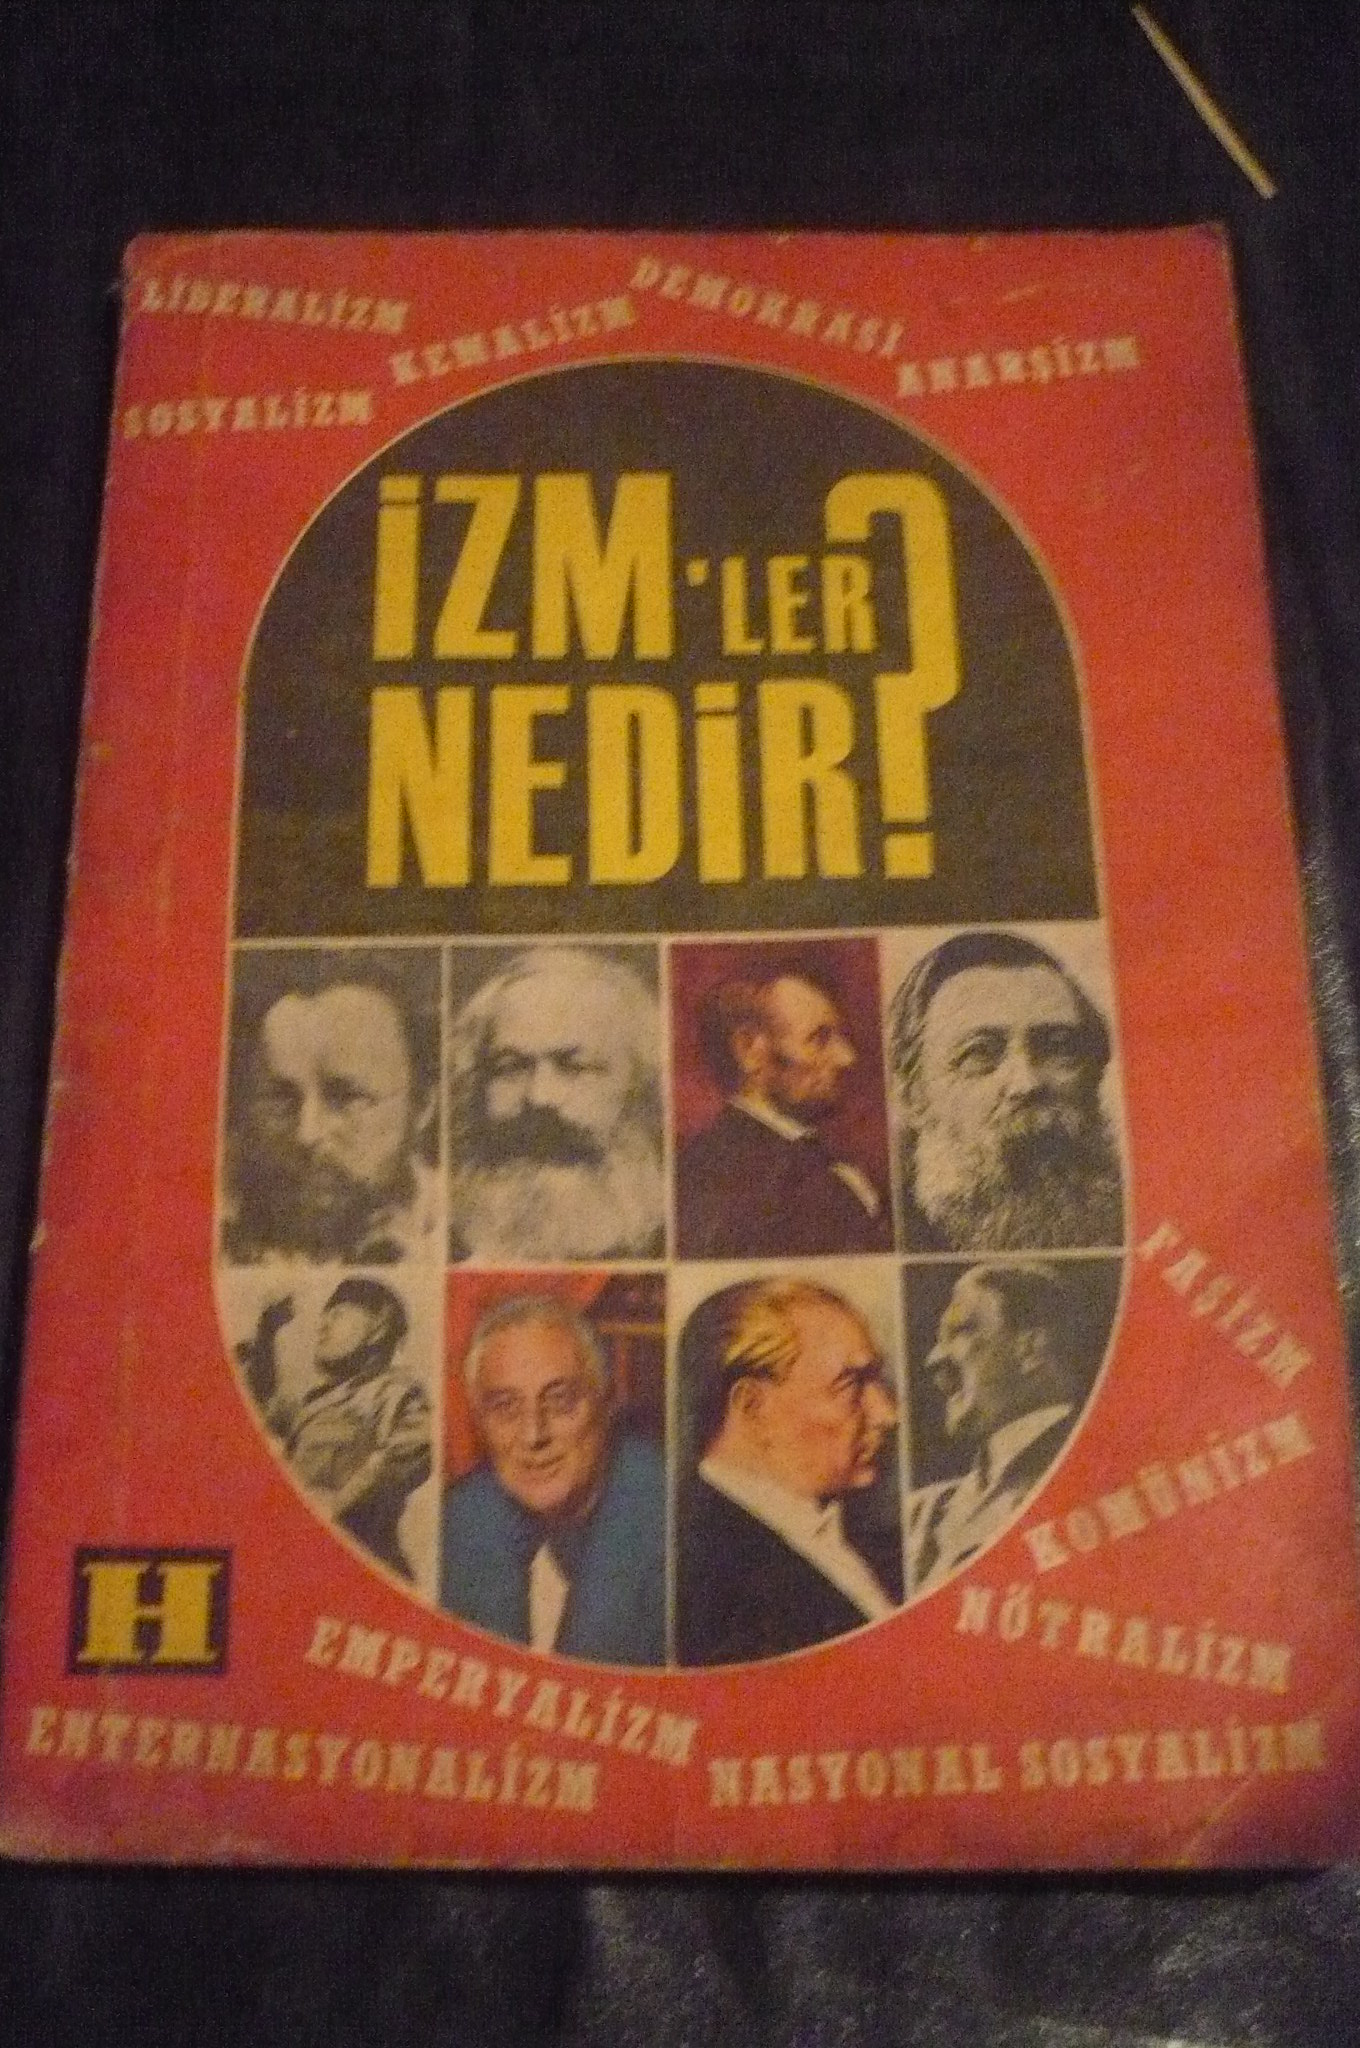 İZM'ler NEDİR? /Necati Zincirkıran/Hürriyet gazetesi yayını/ 10 tl